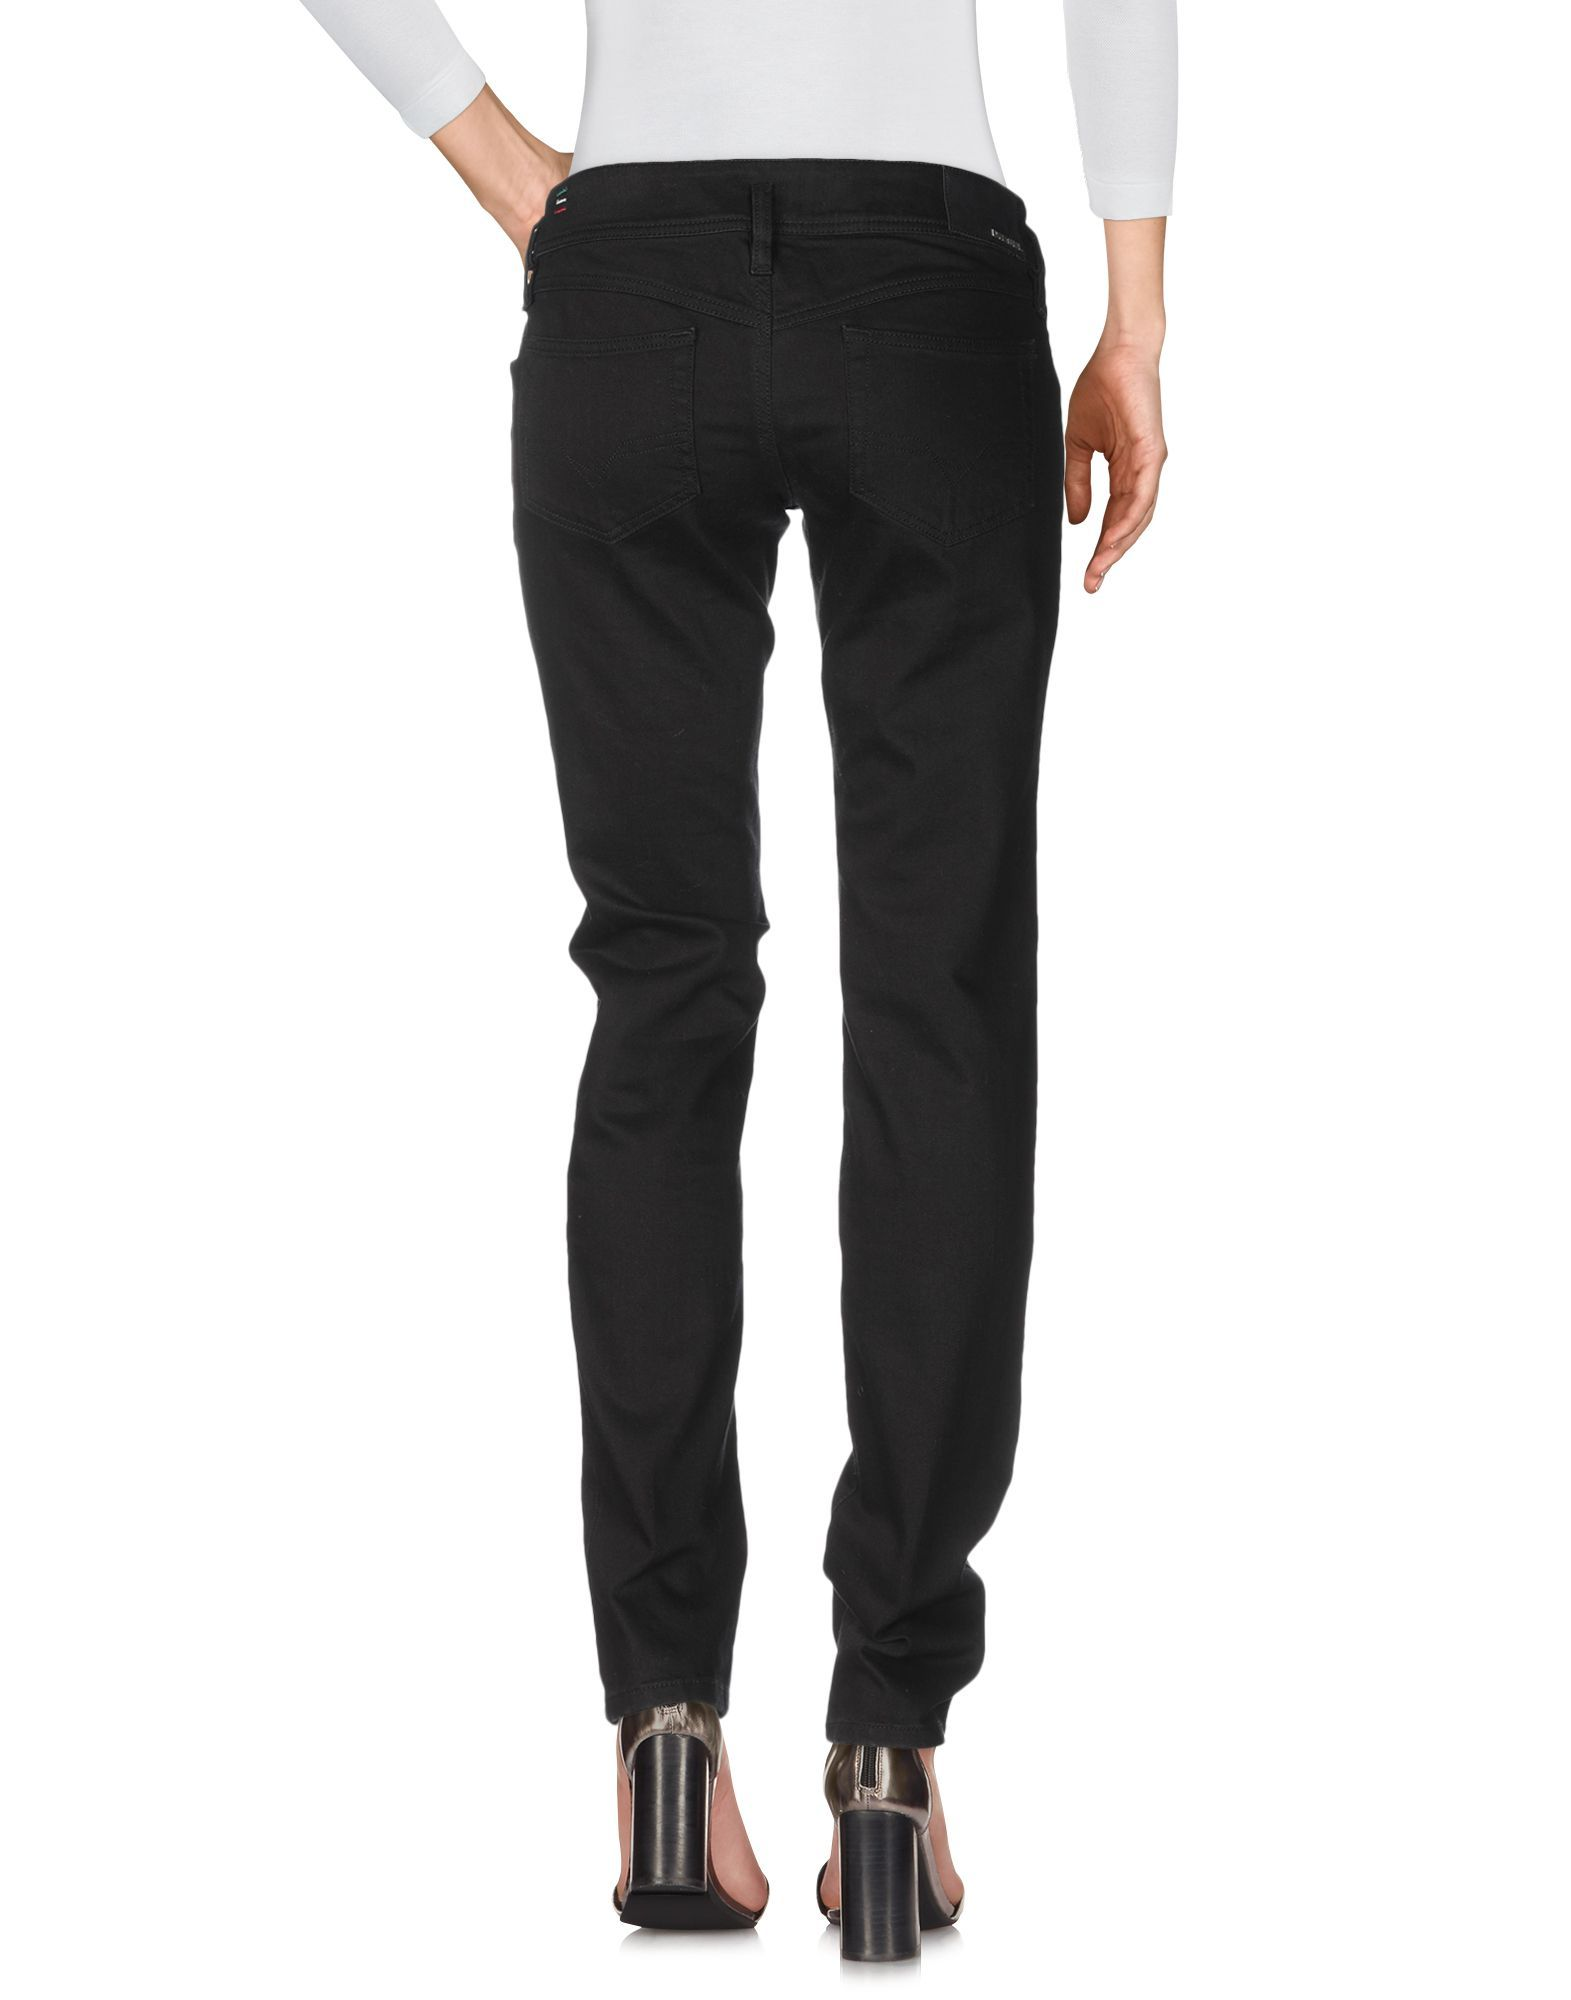 Diesel Black Cotton Jeans